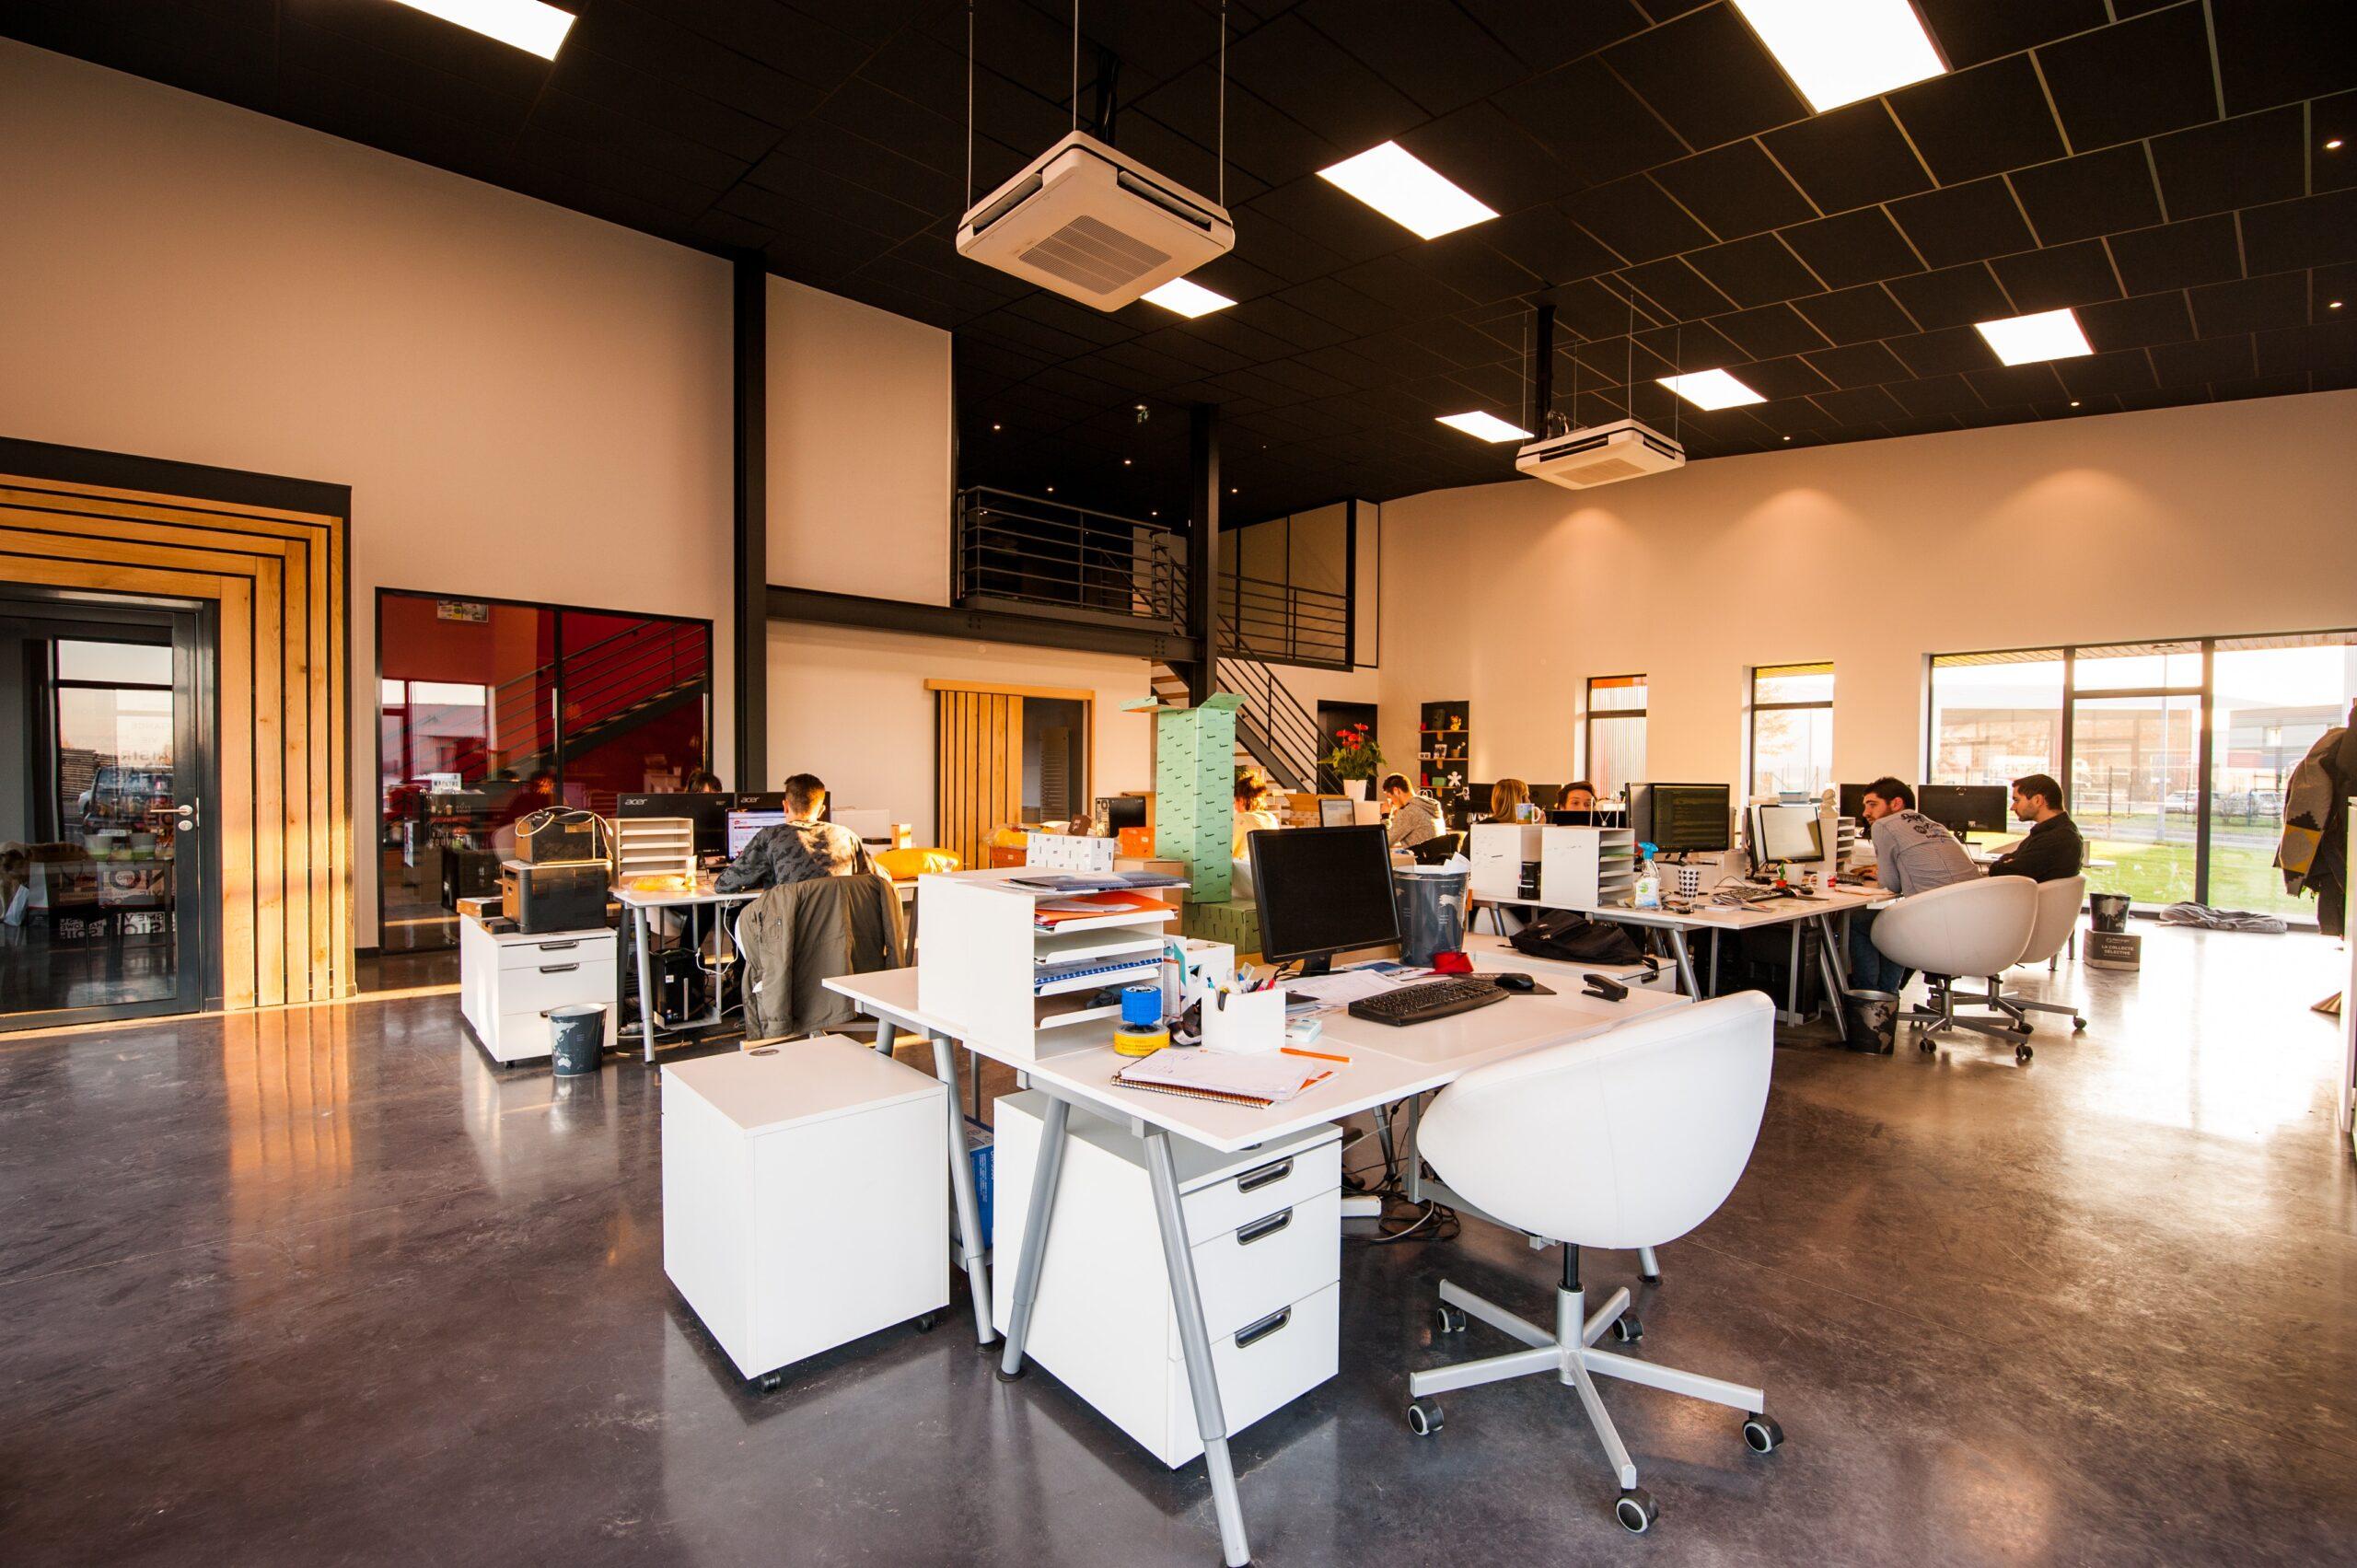 Ofis Alanınızı Yeniden Boyamak İçin 5 Neden